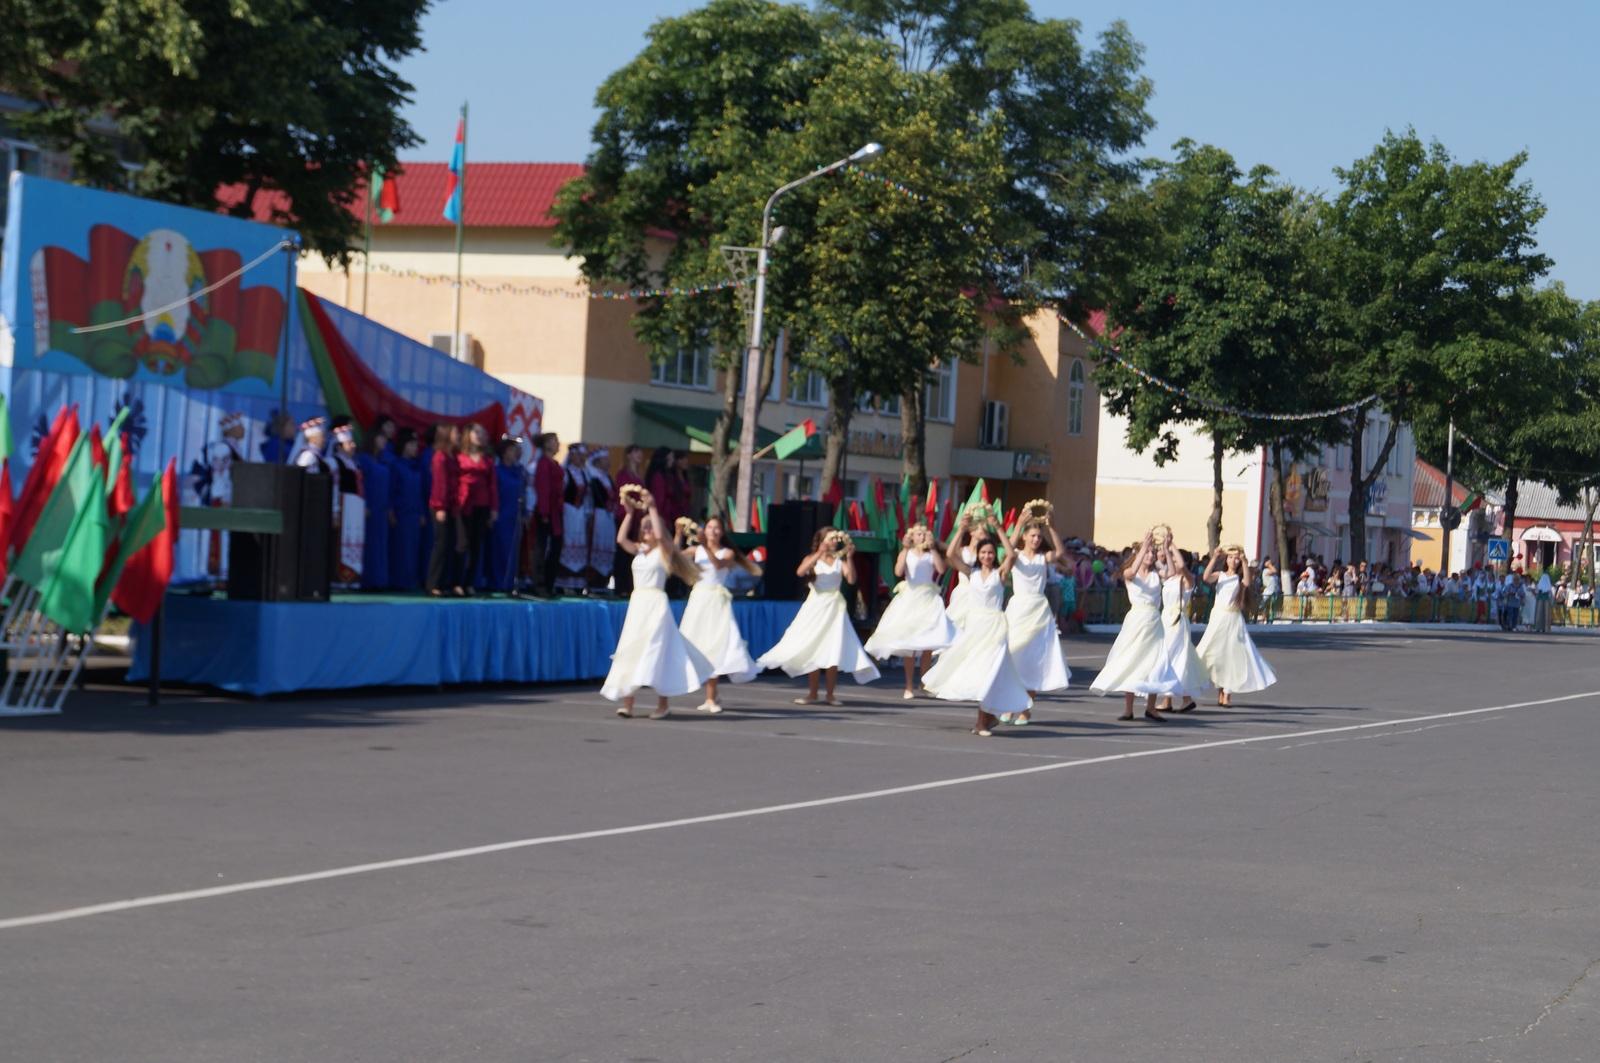 танцовщицы в белых платьях